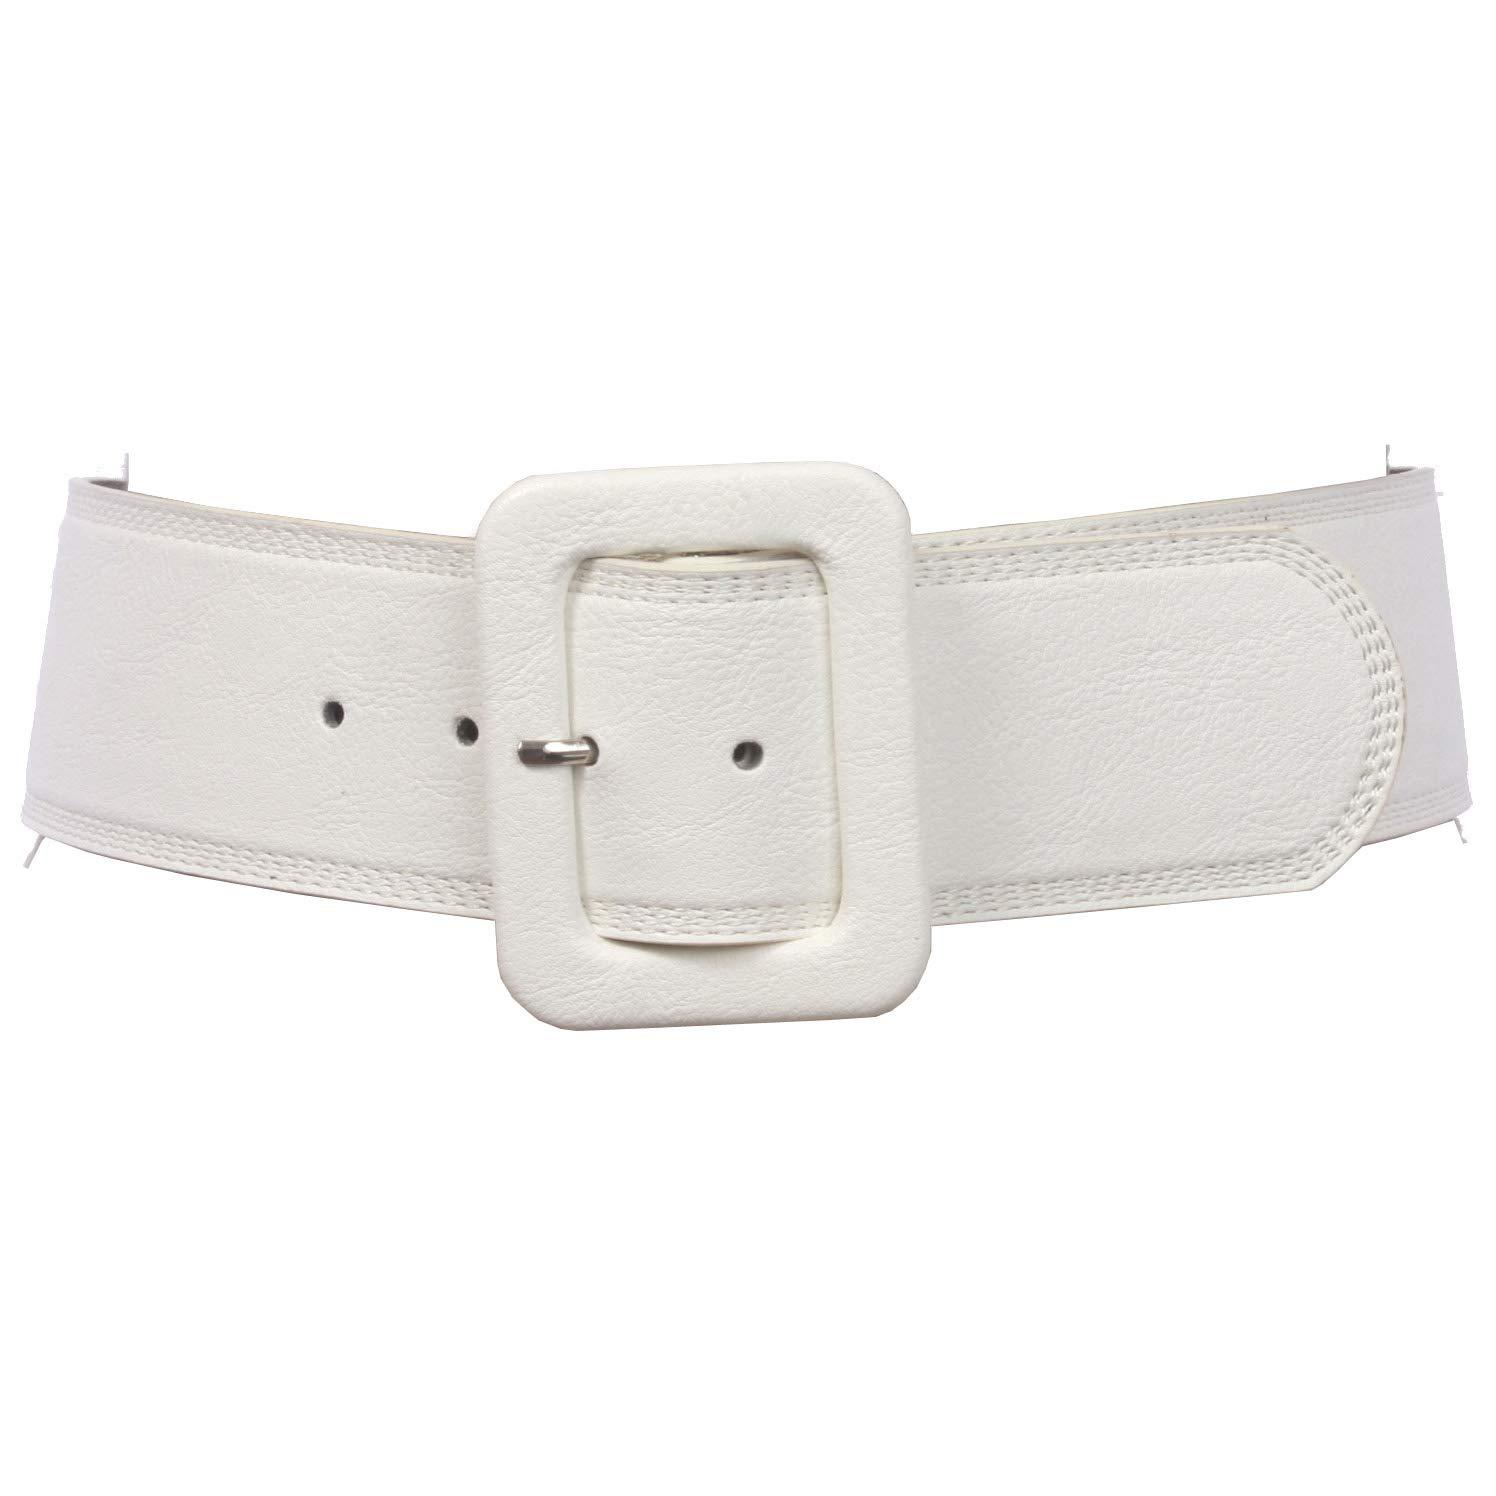 Women's 2 1/4'' Wide High Waist Rectangular Stitch-edged Leather Belt, White   XS/S-28''